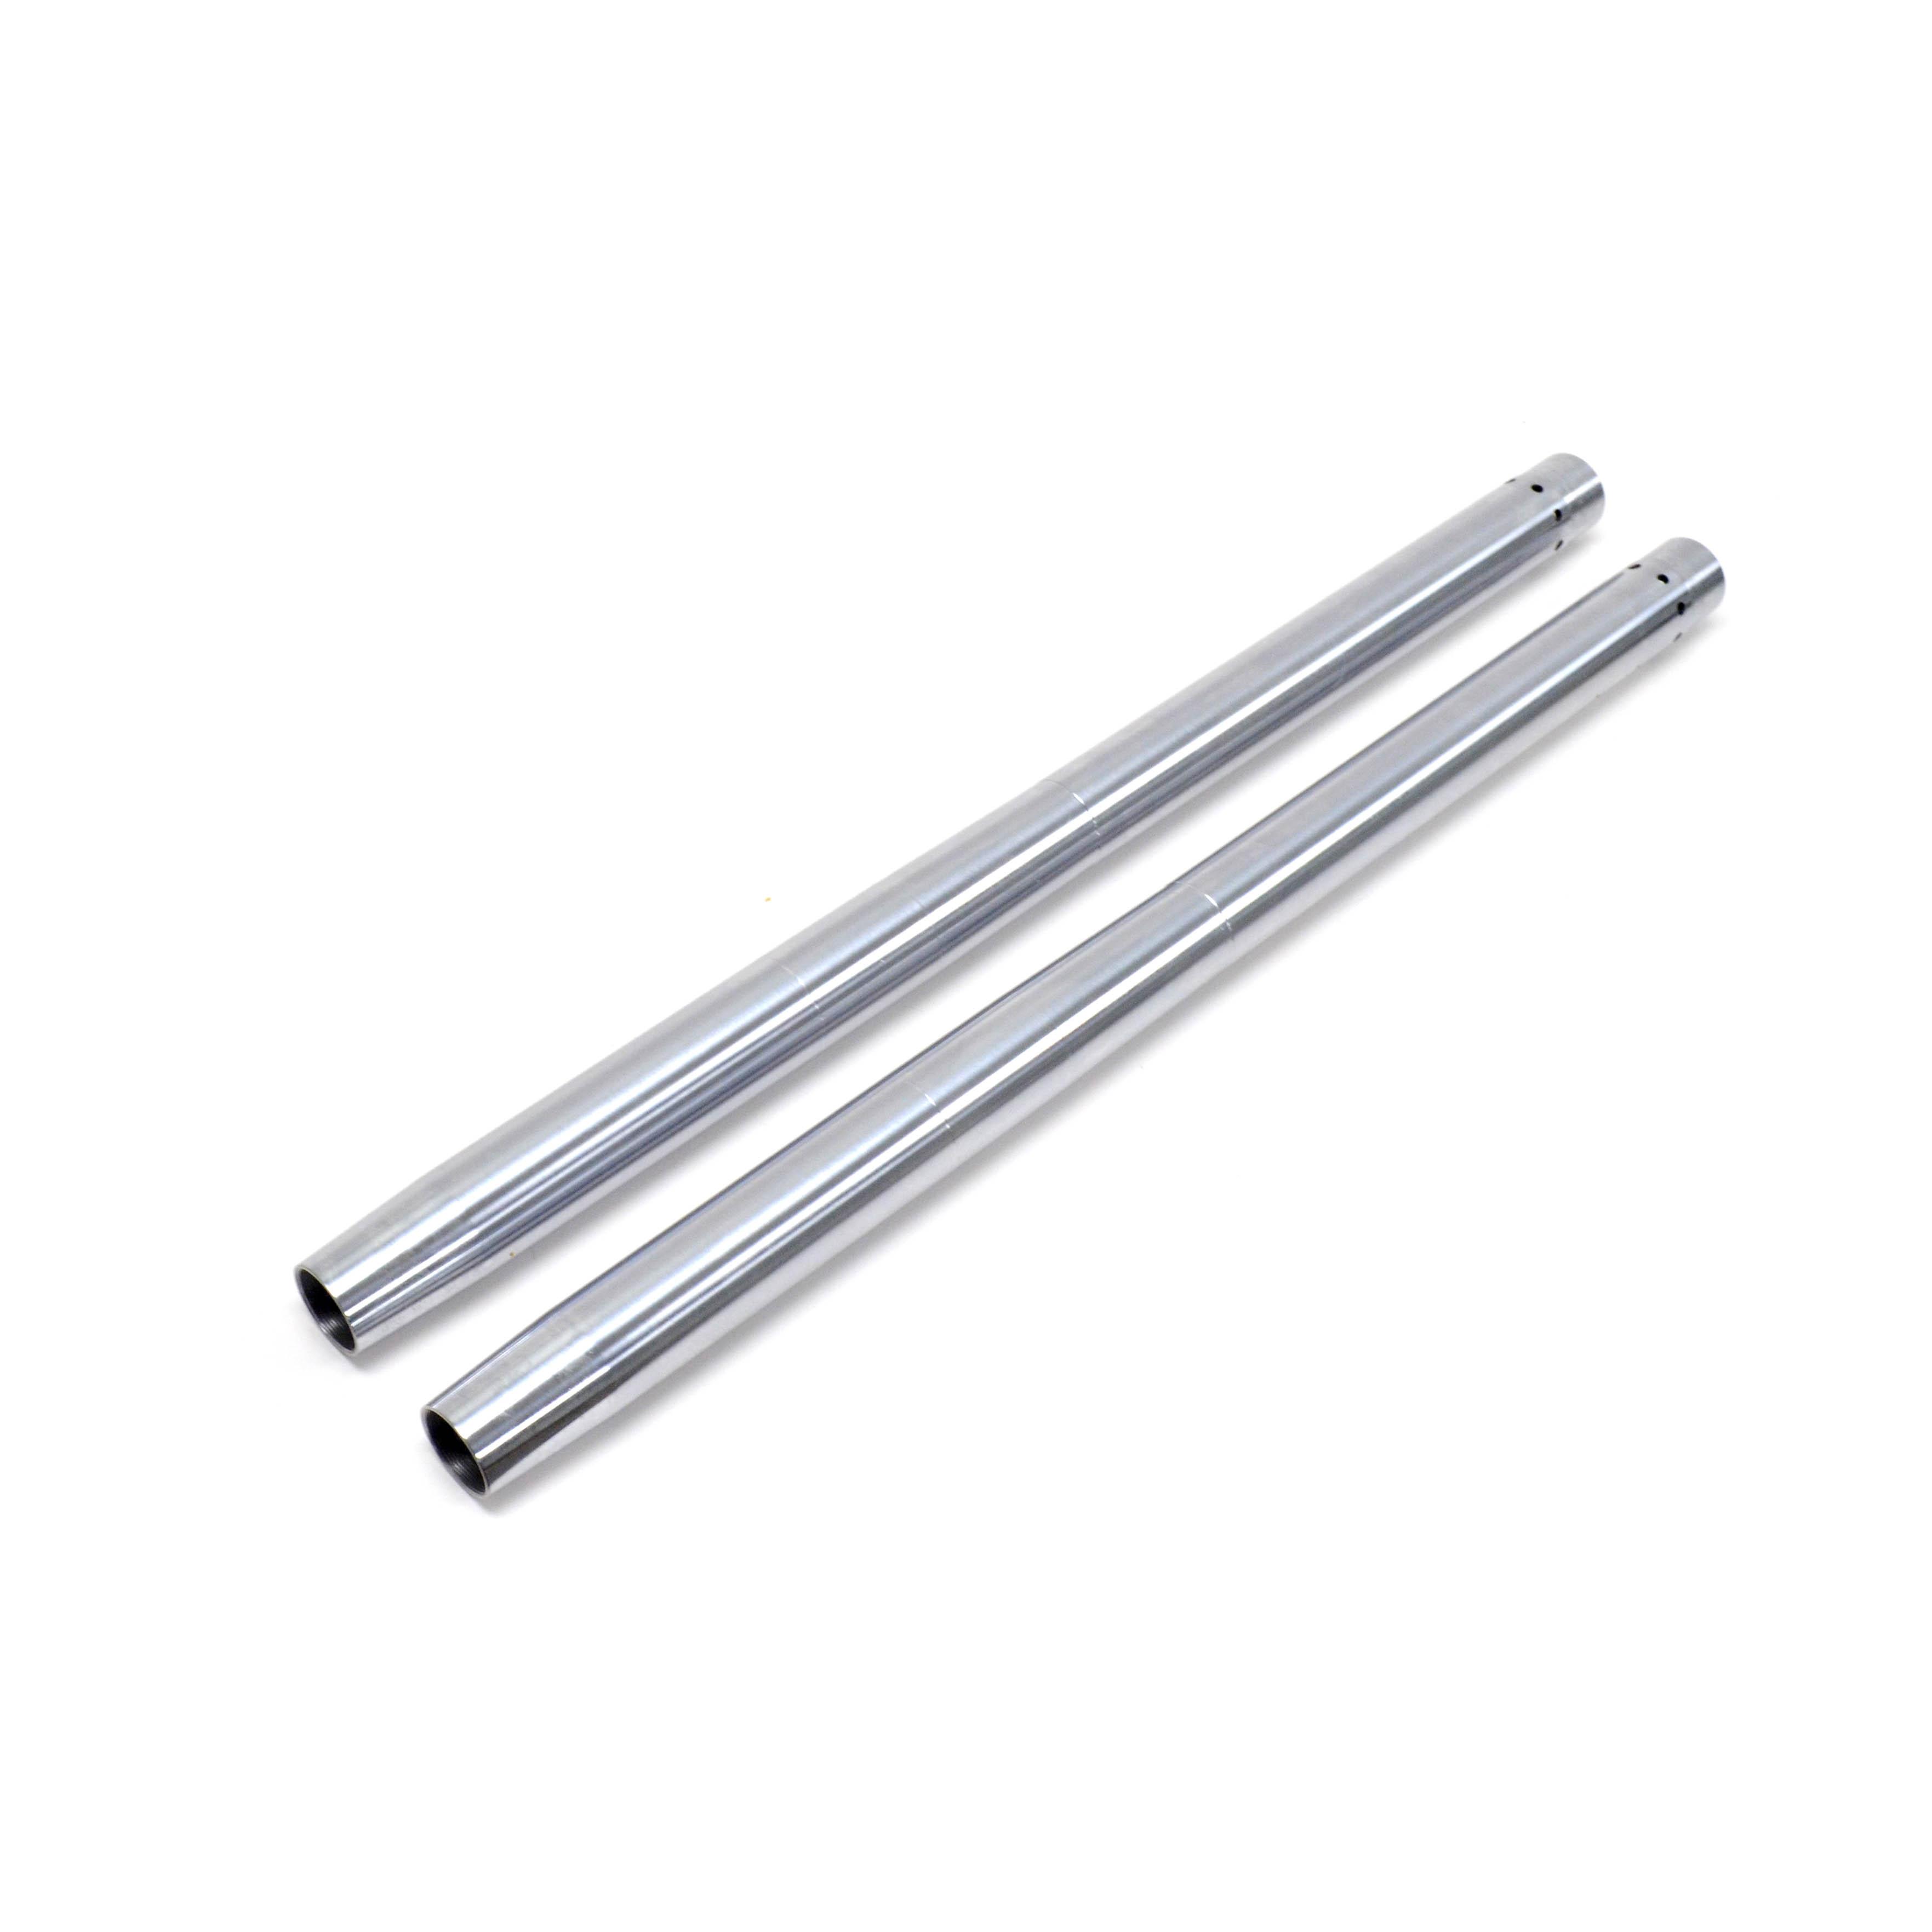 Bsa A50 A65 Triumph Tr25w Hard Chrome Fork Tubes 97 P